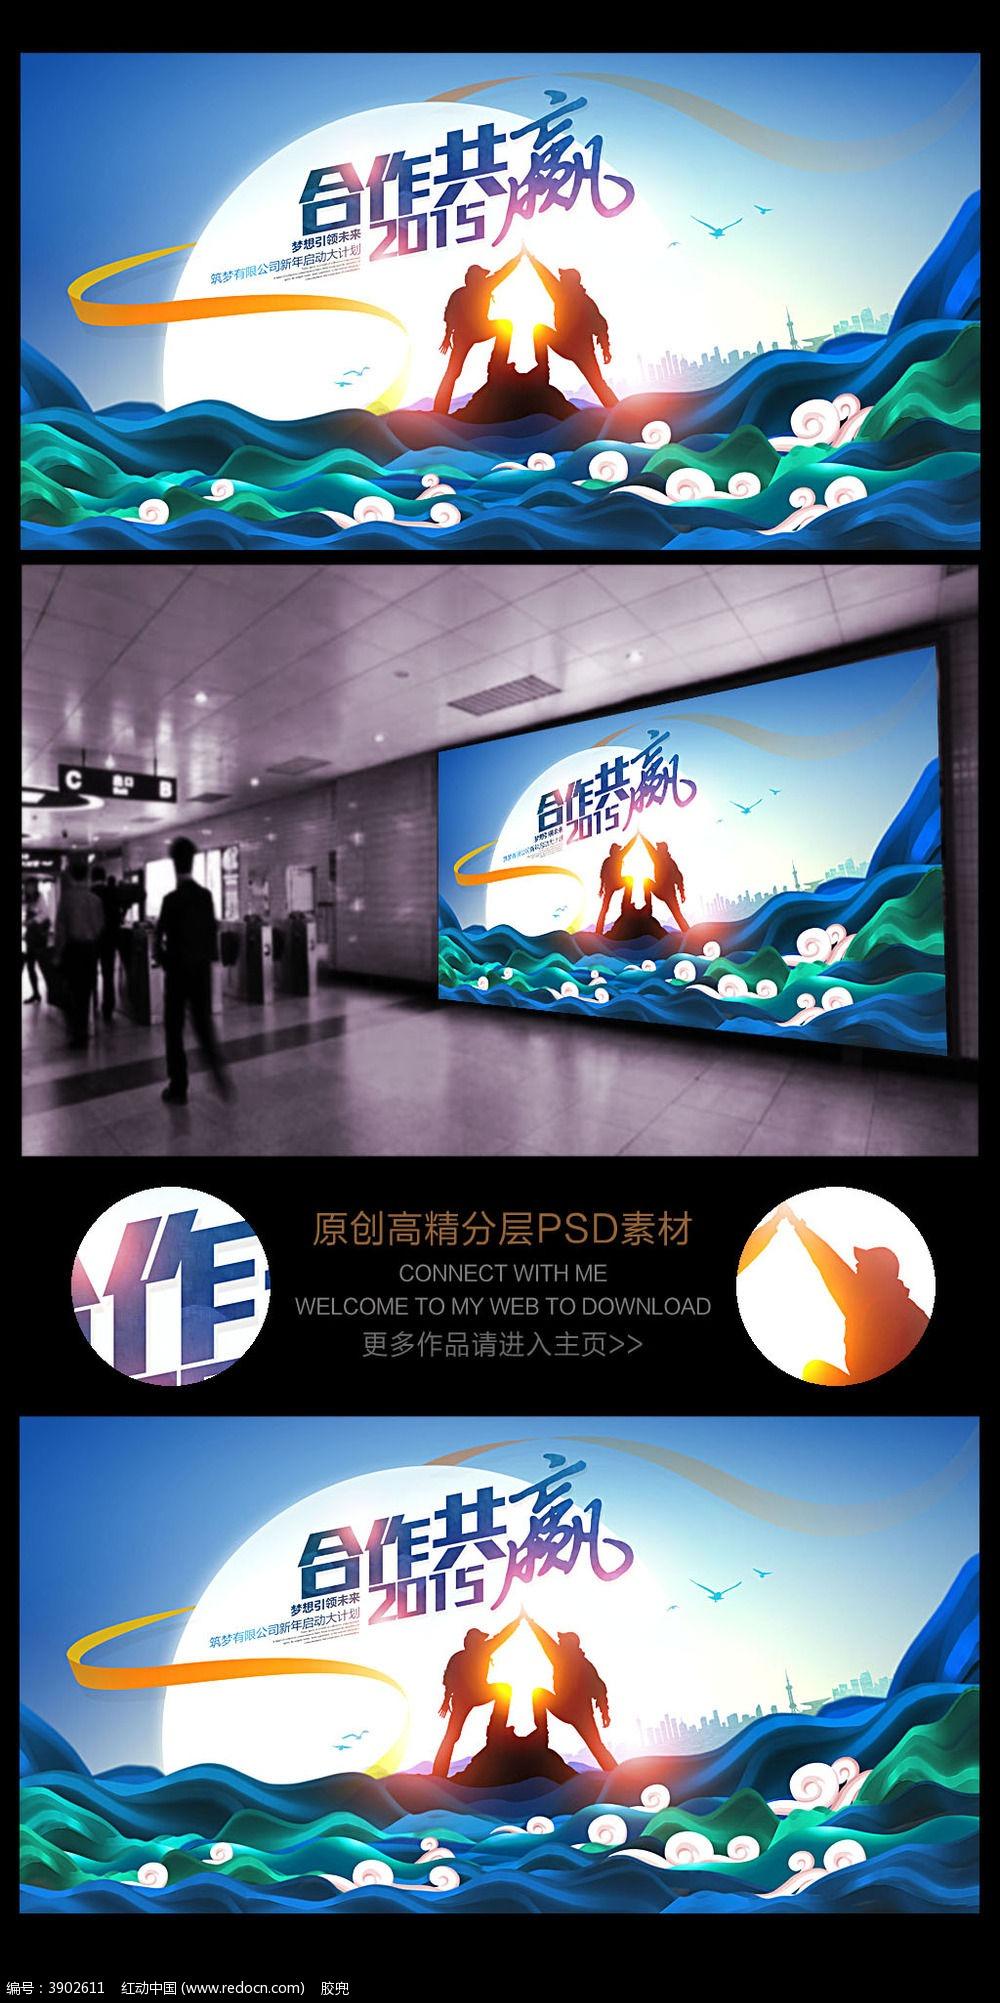 2015羊年合作共赢企业海报图片